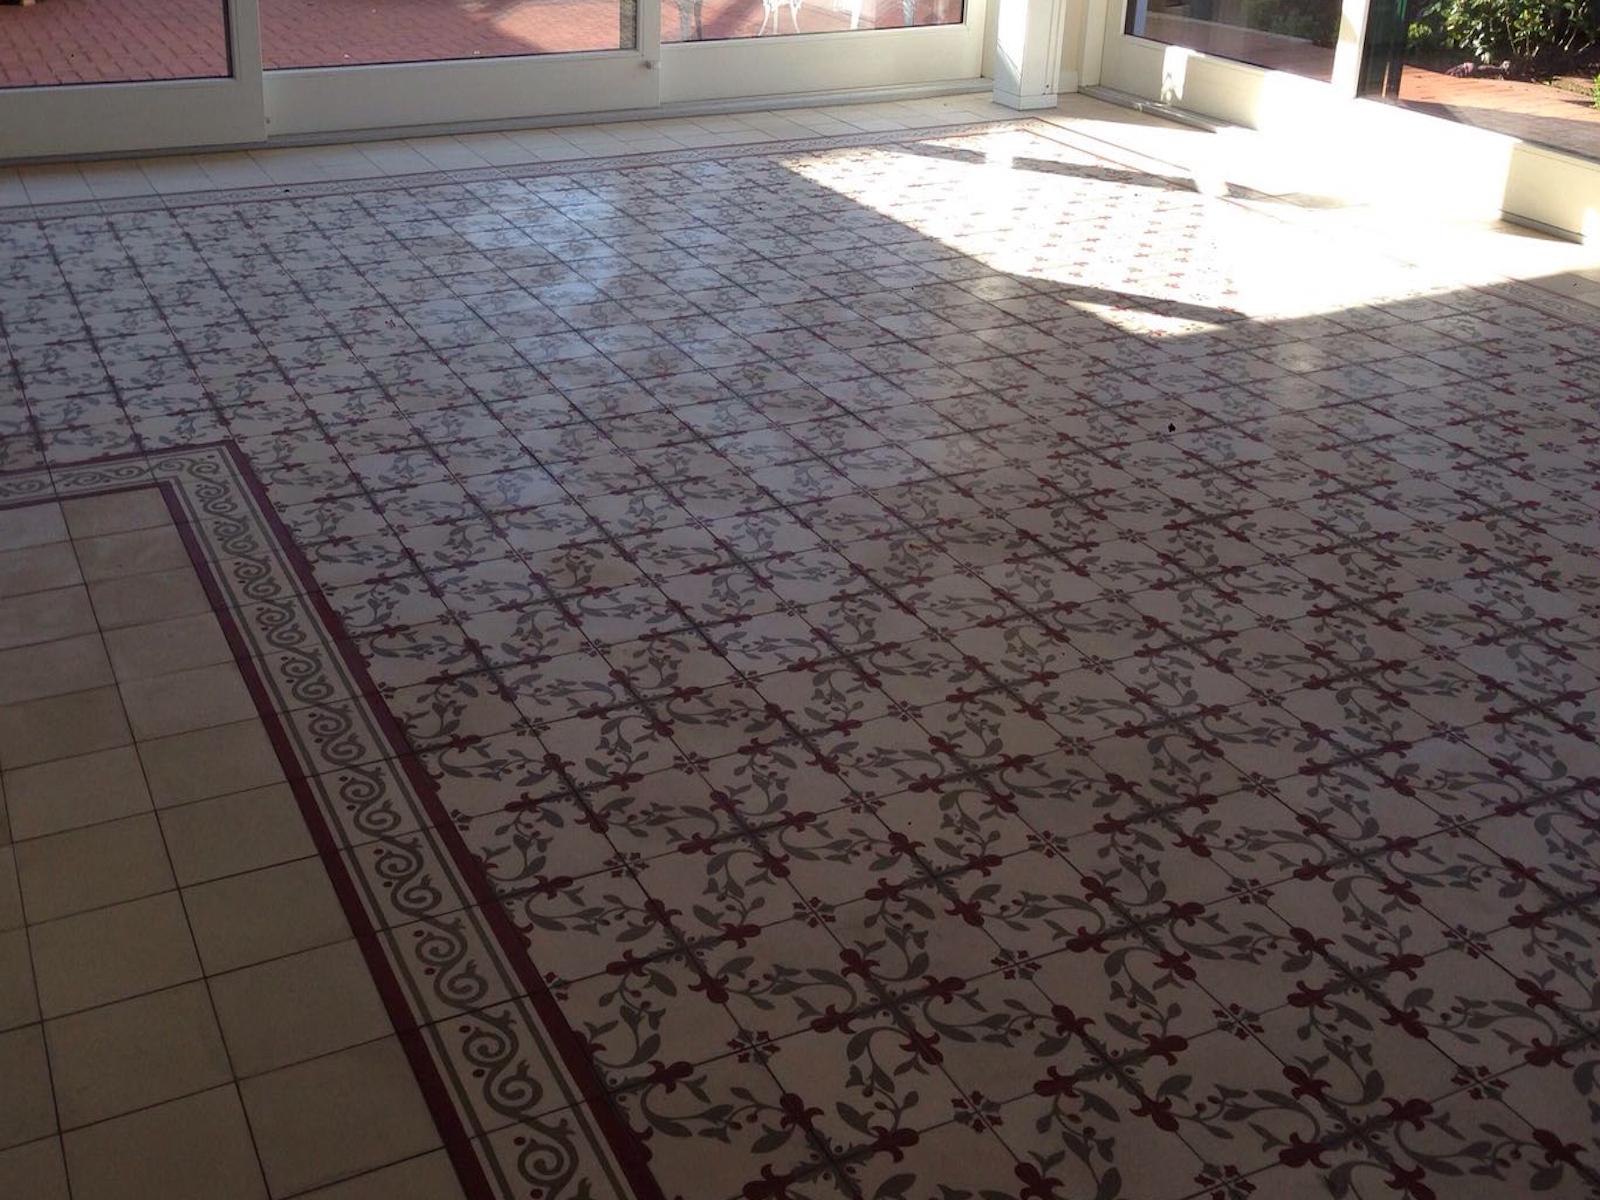 Fußboden Fliesen Polieren ~ Rcs steinbodensanierung zementfliese via fliesen rcs